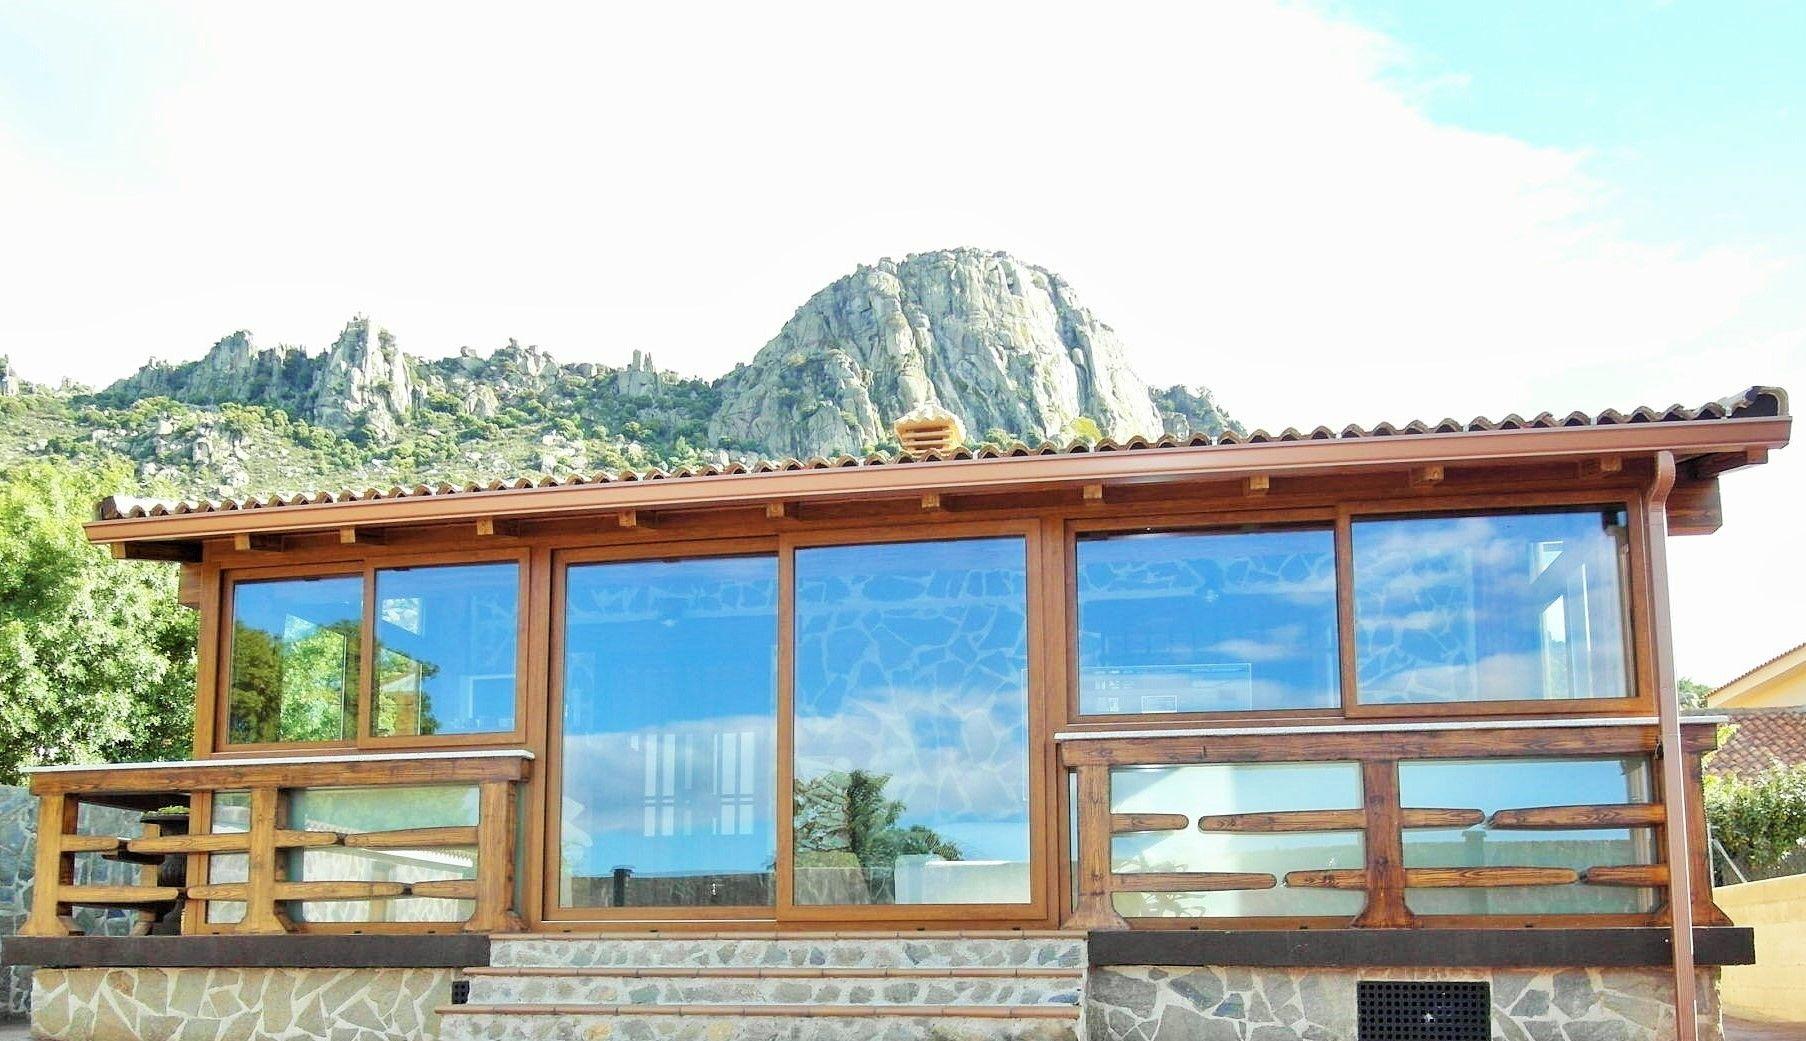 Una de nuestras casas prefabricadas en la sierra madrile a - Casas prefabricadas de acero ...